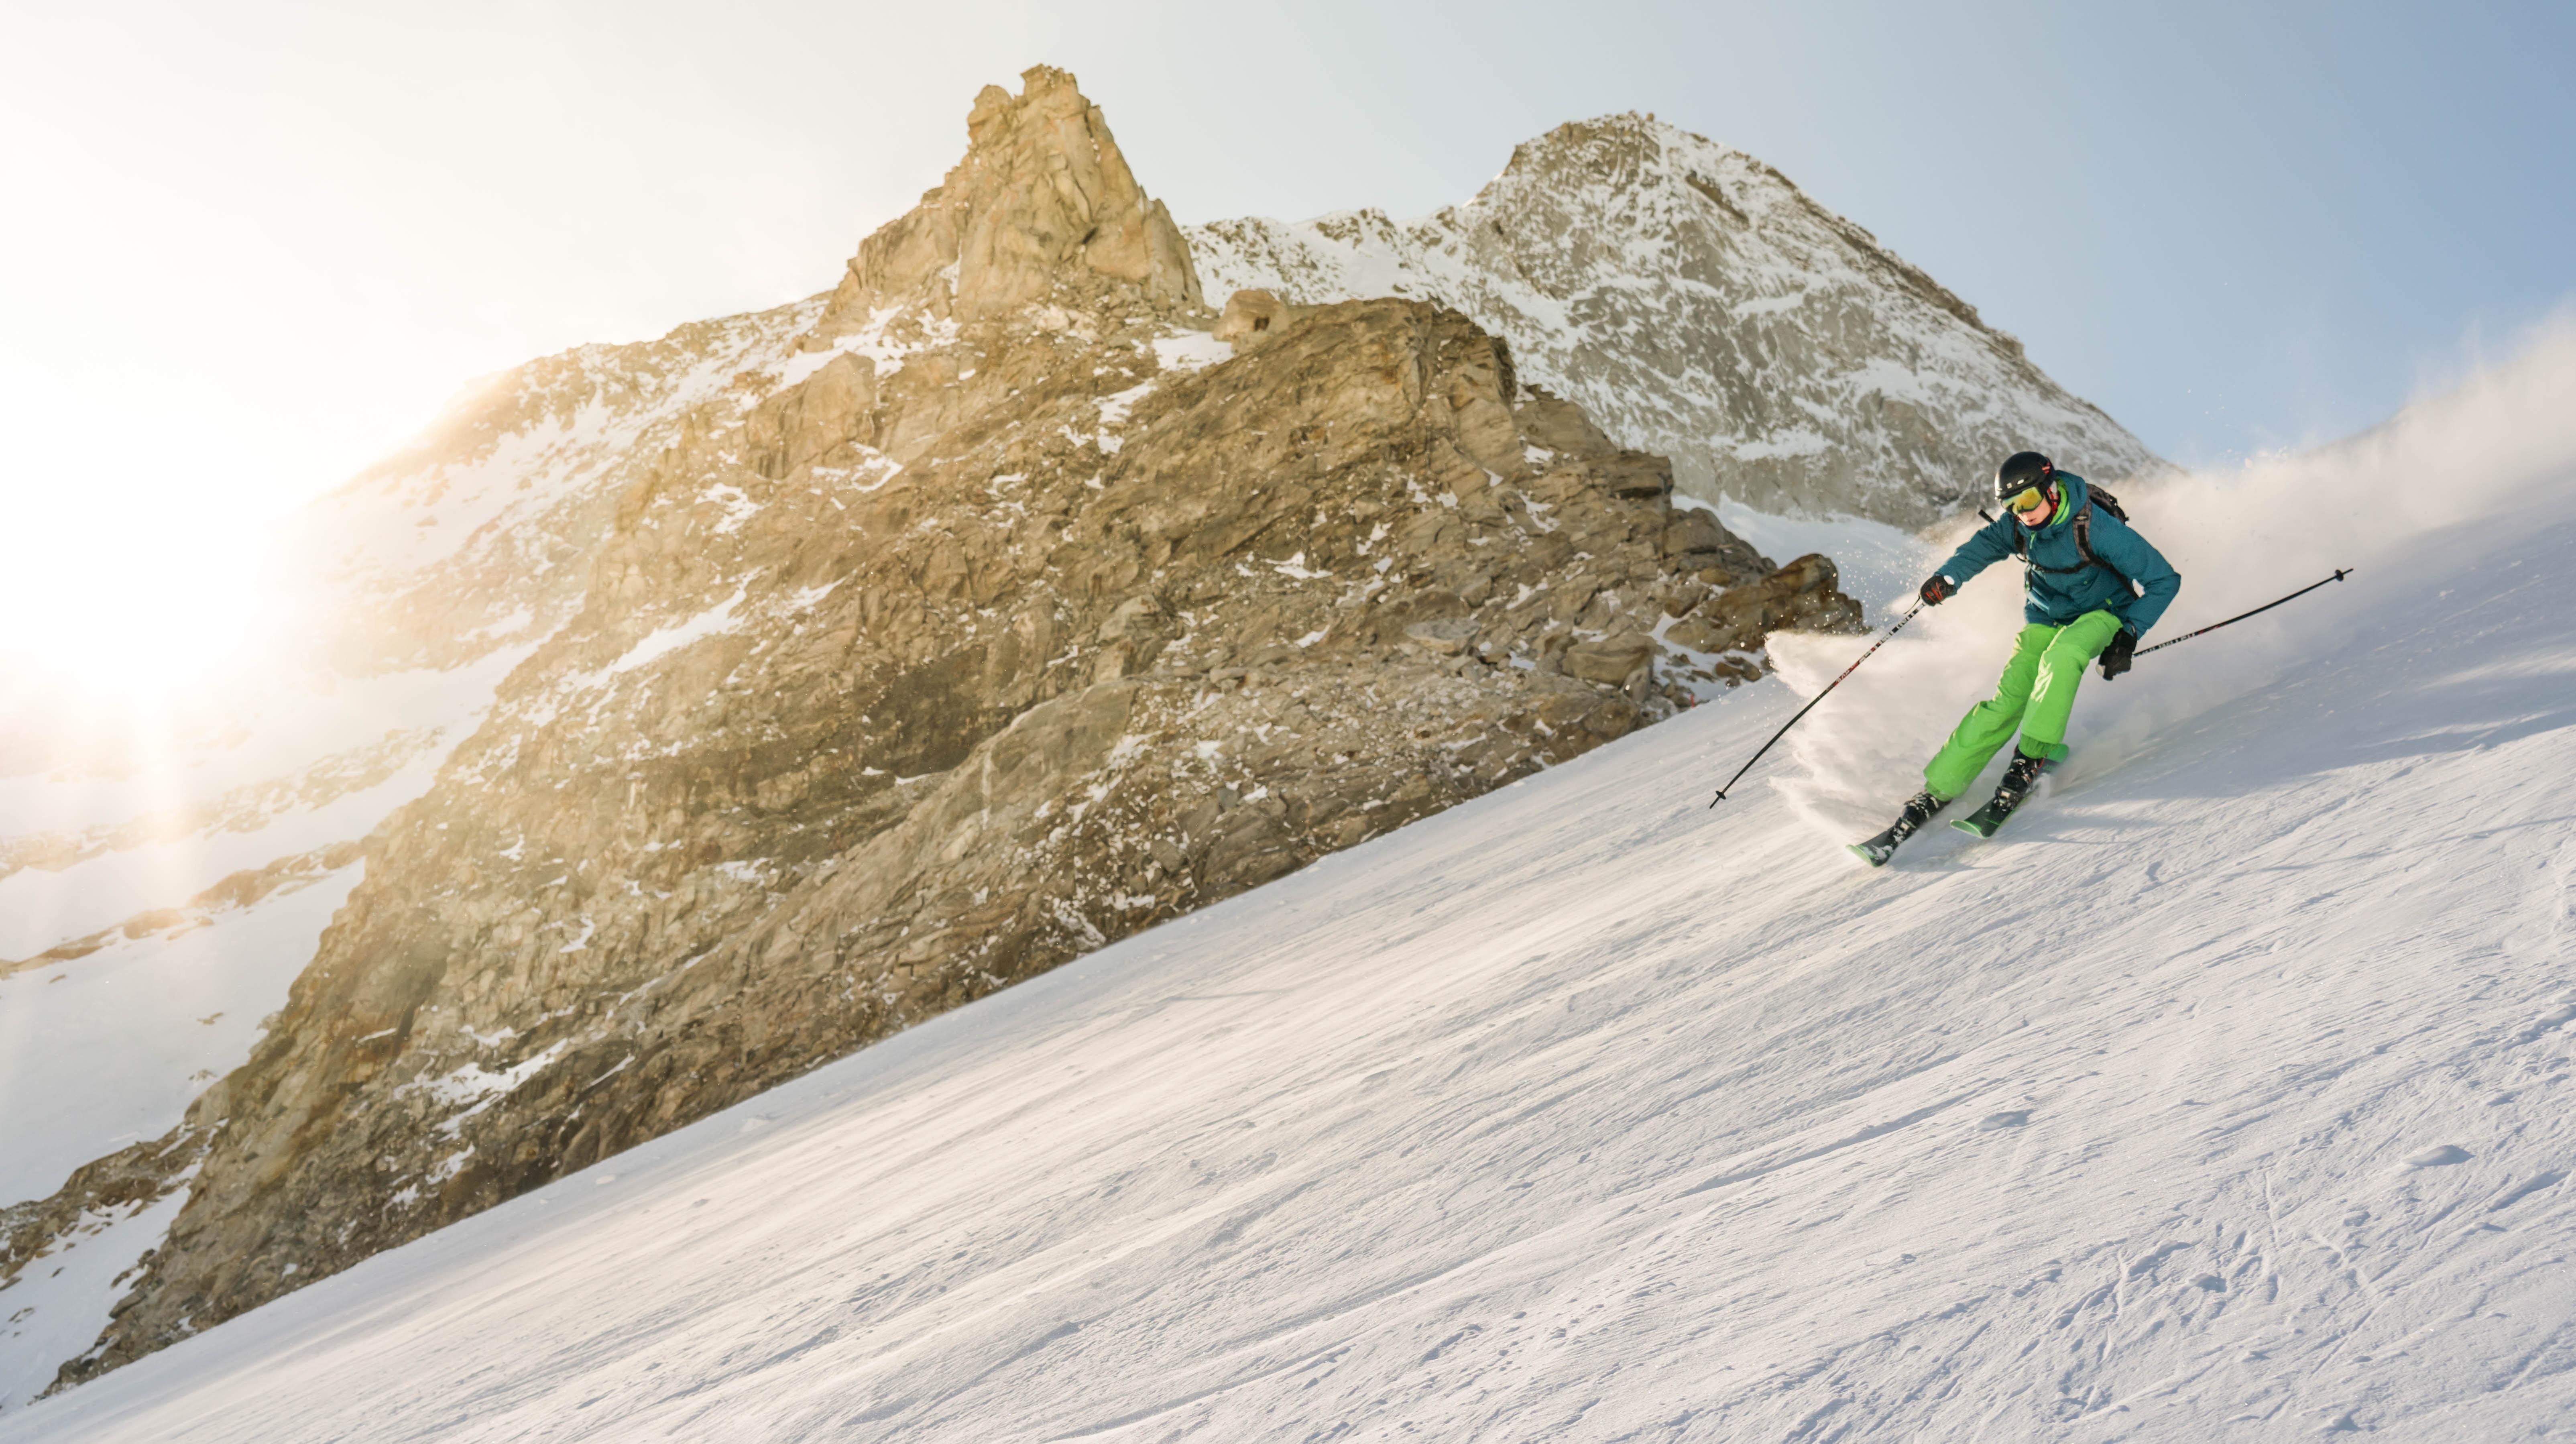 Lammfellhandschuhe beim Skilaufen